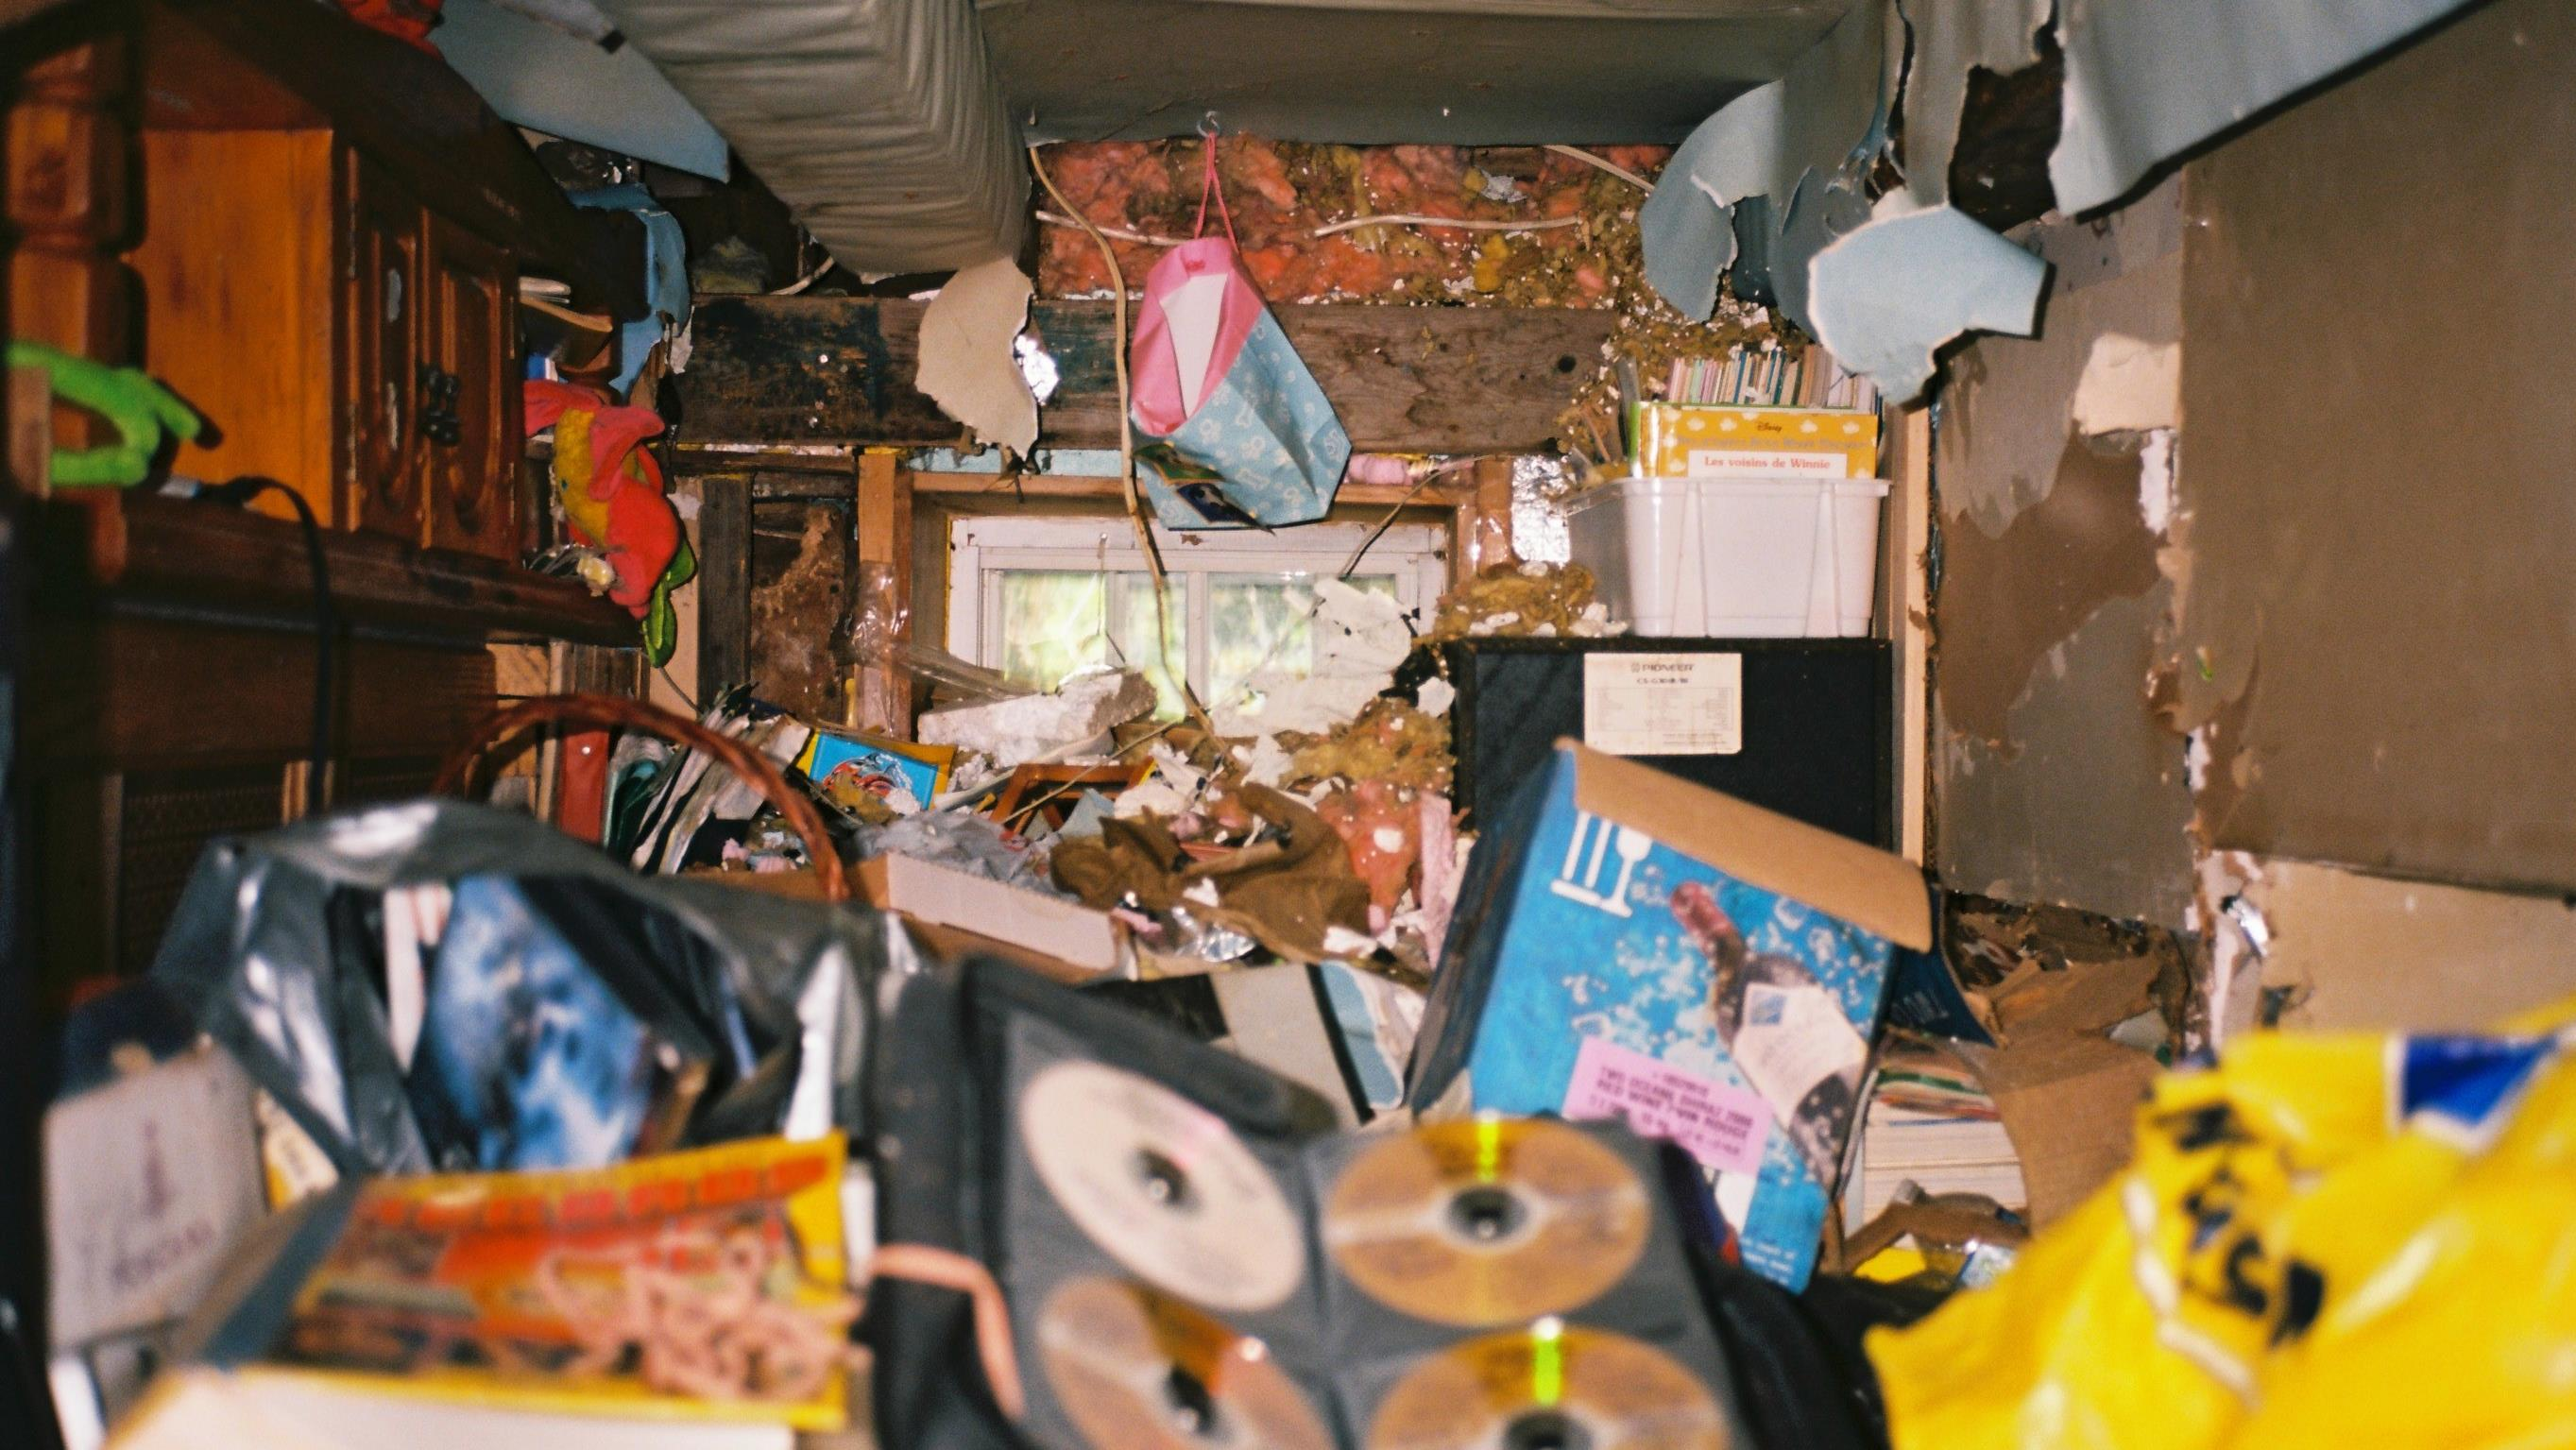 Une pièce de la maison est encombrée d'objets.